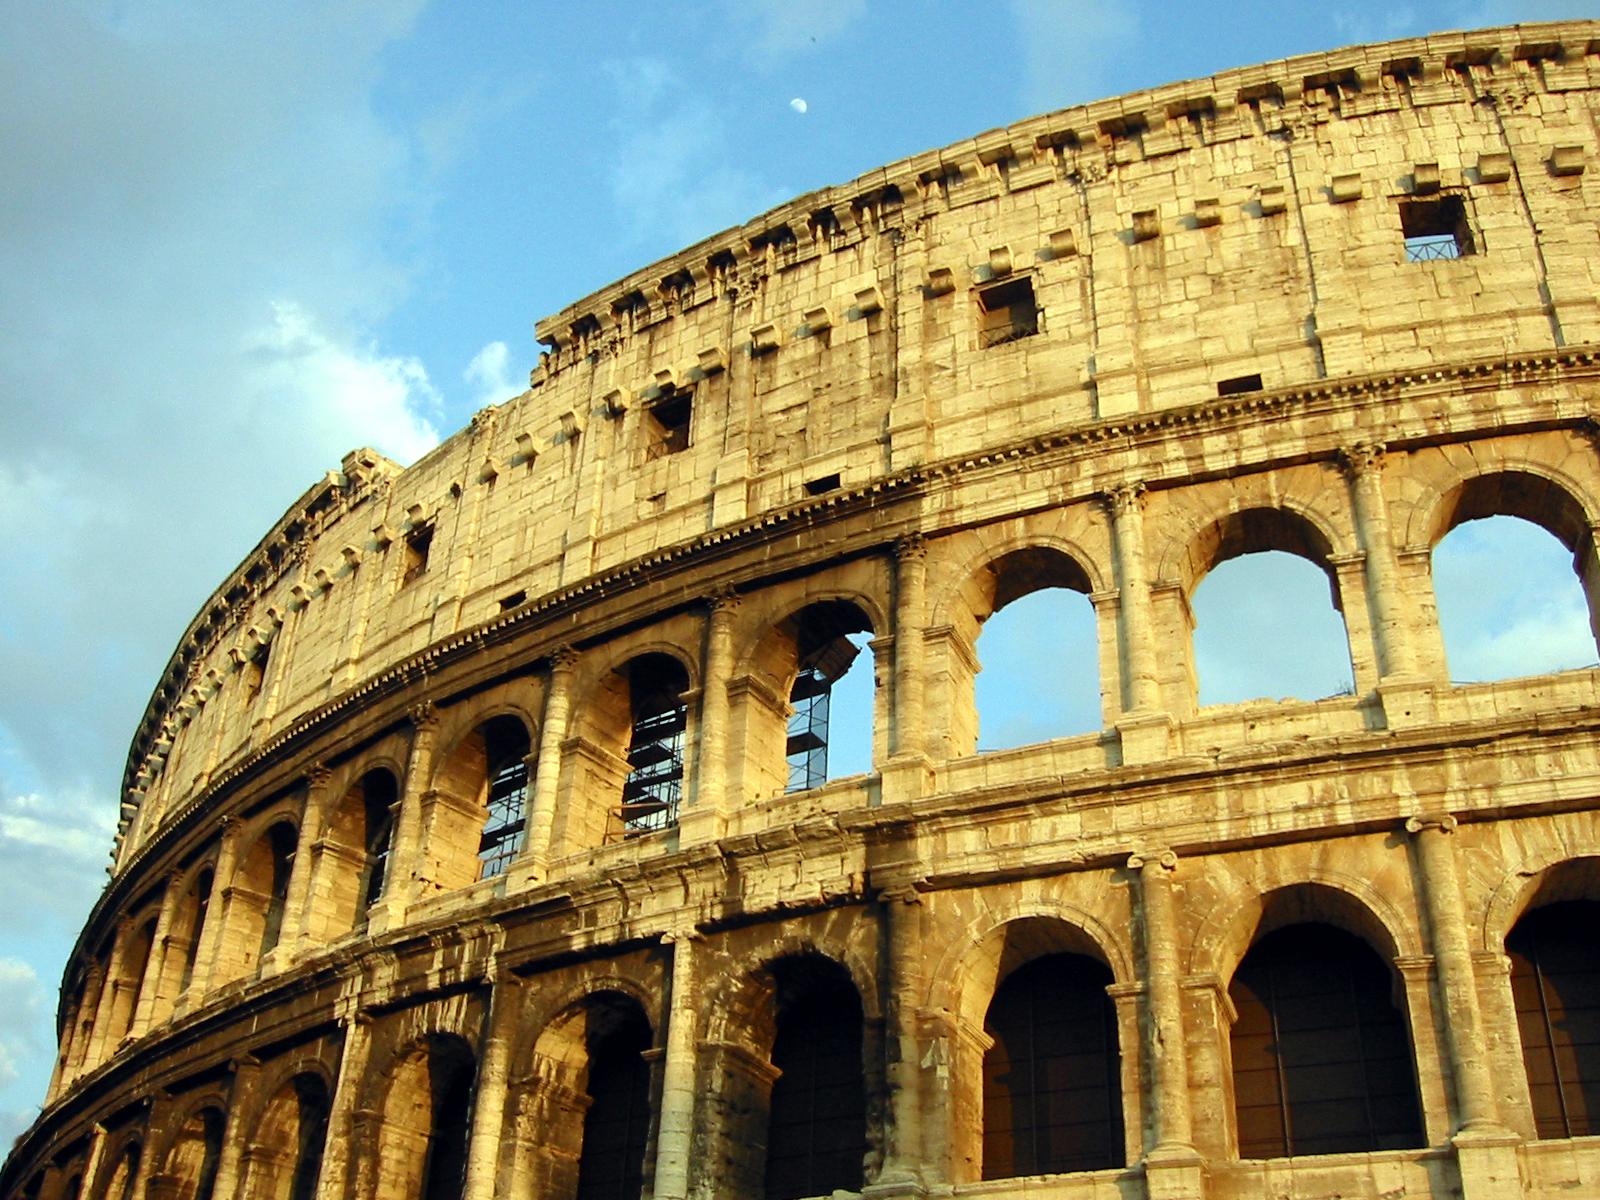 Original façade of the Colosseum